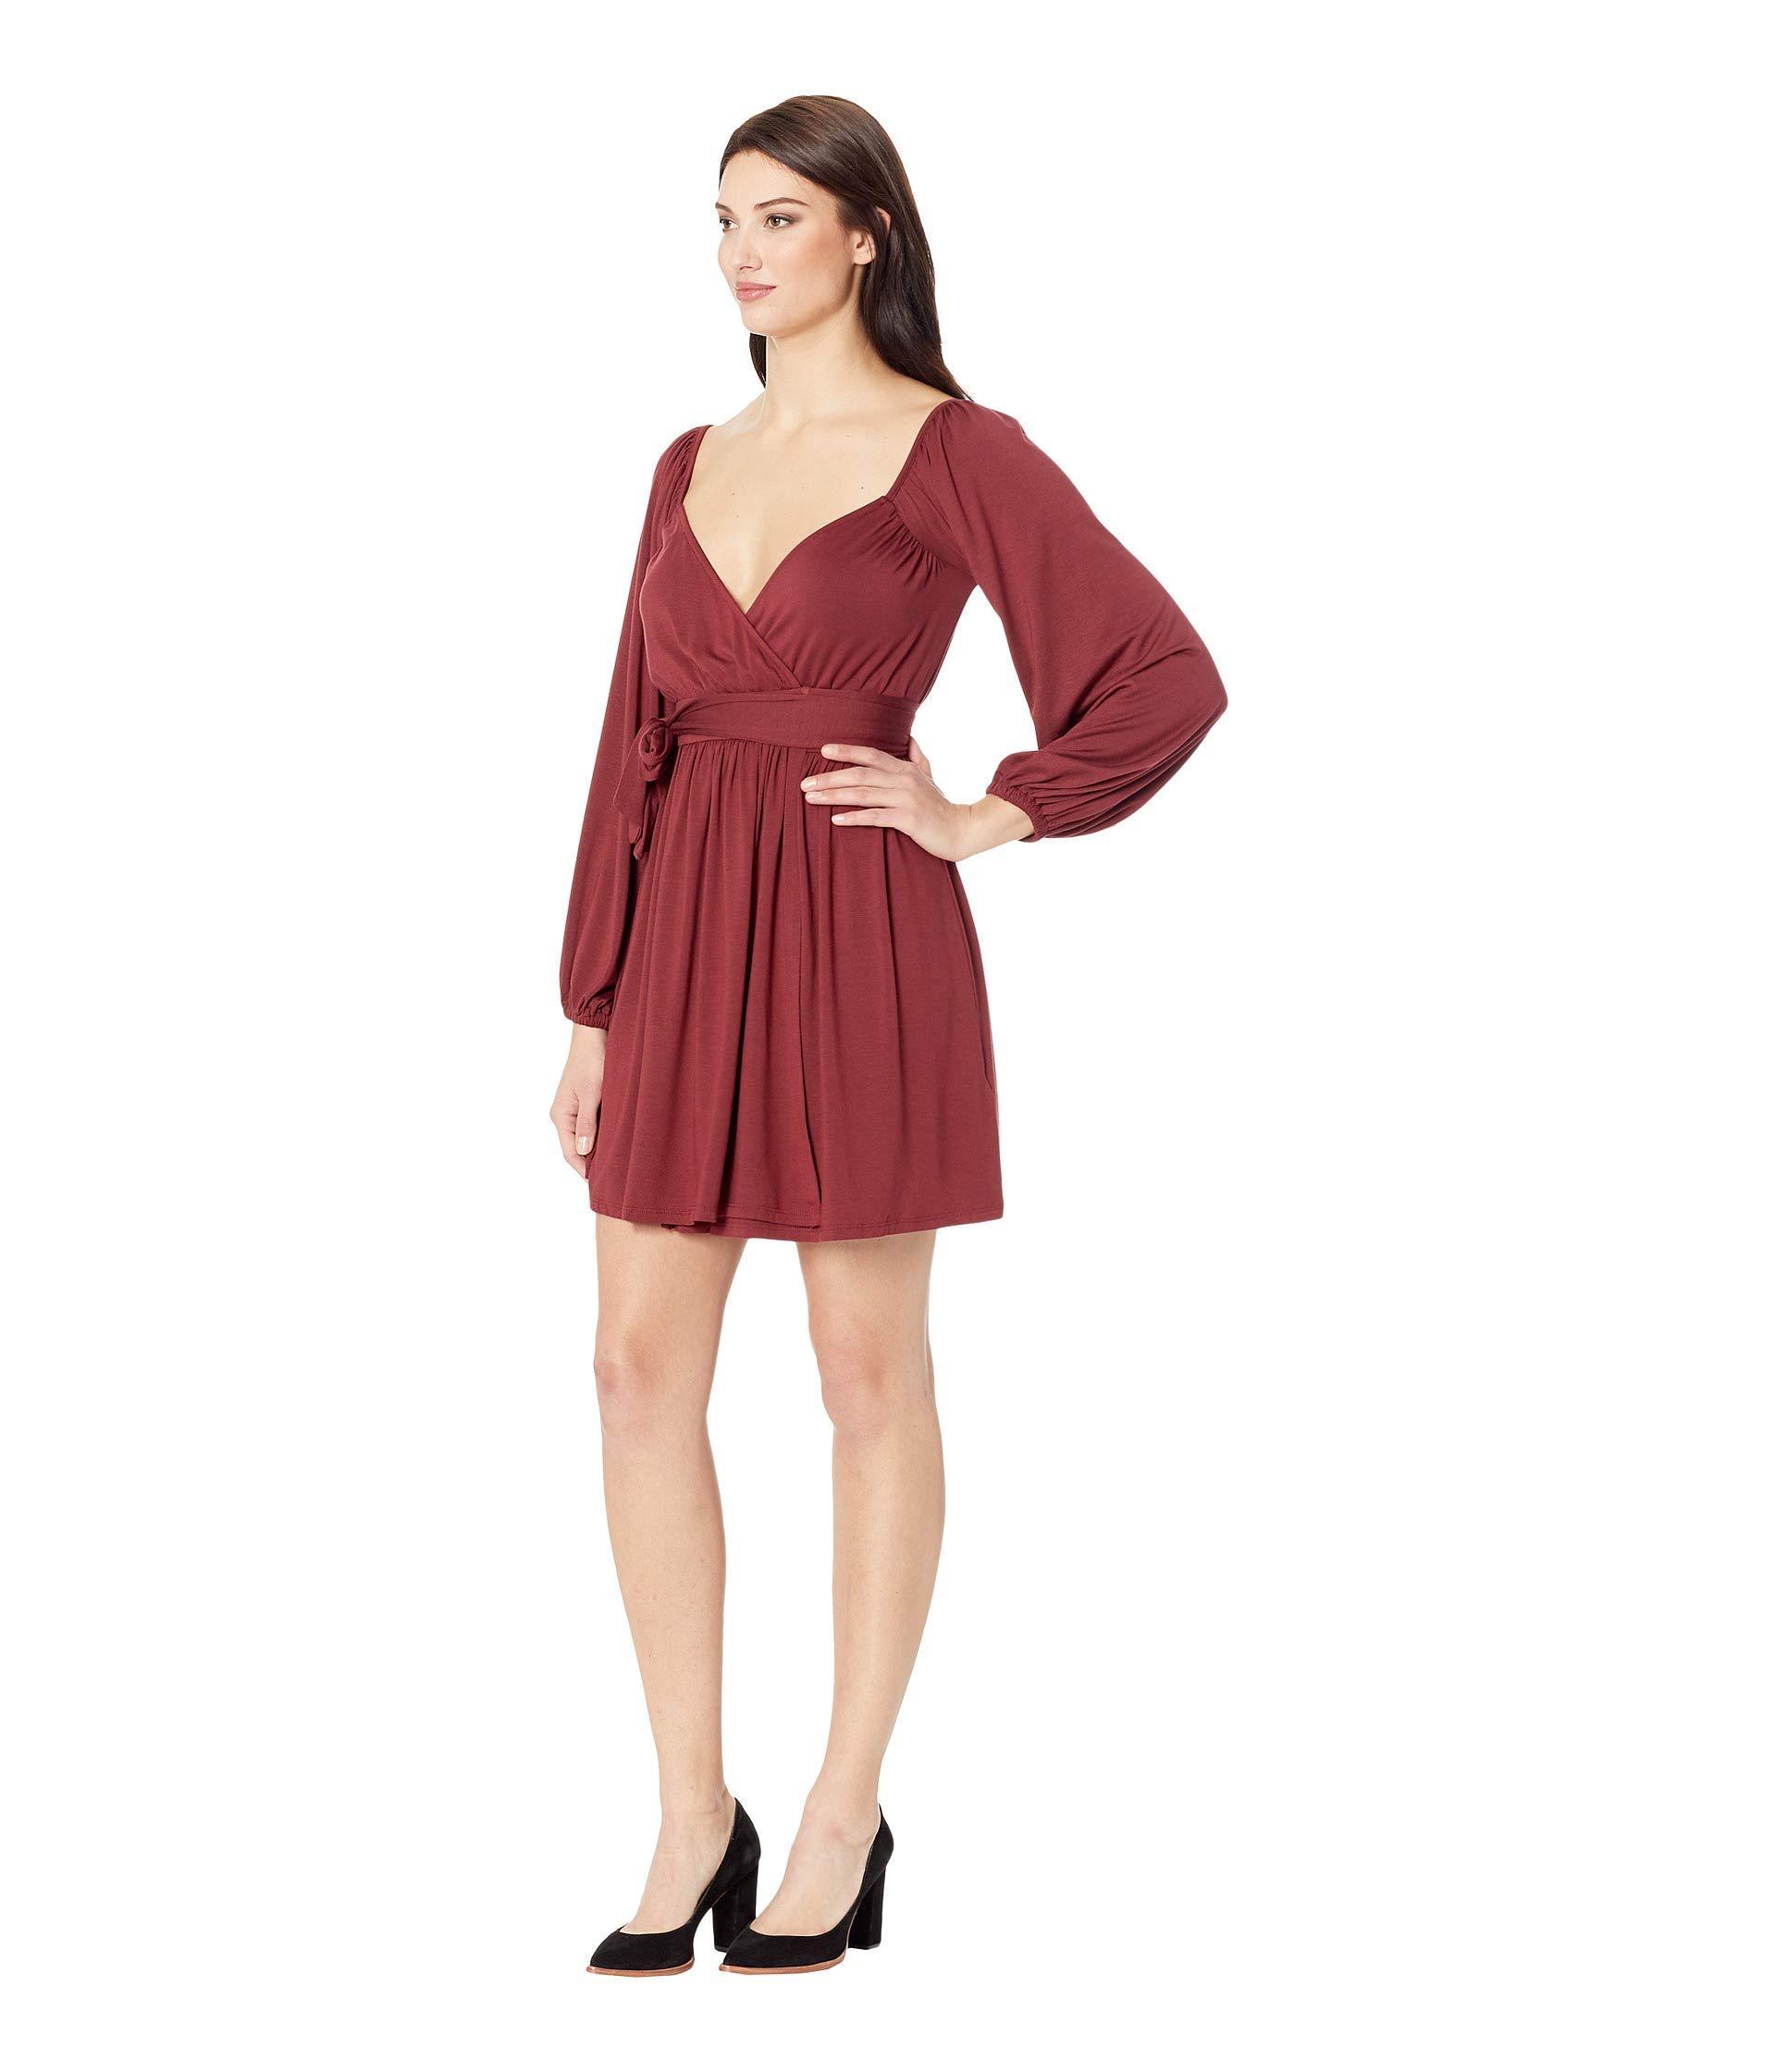 Lyst - Rachel Pally Sera Wrap Dress (gamay) Women s Dress in Red c44a4cca95c